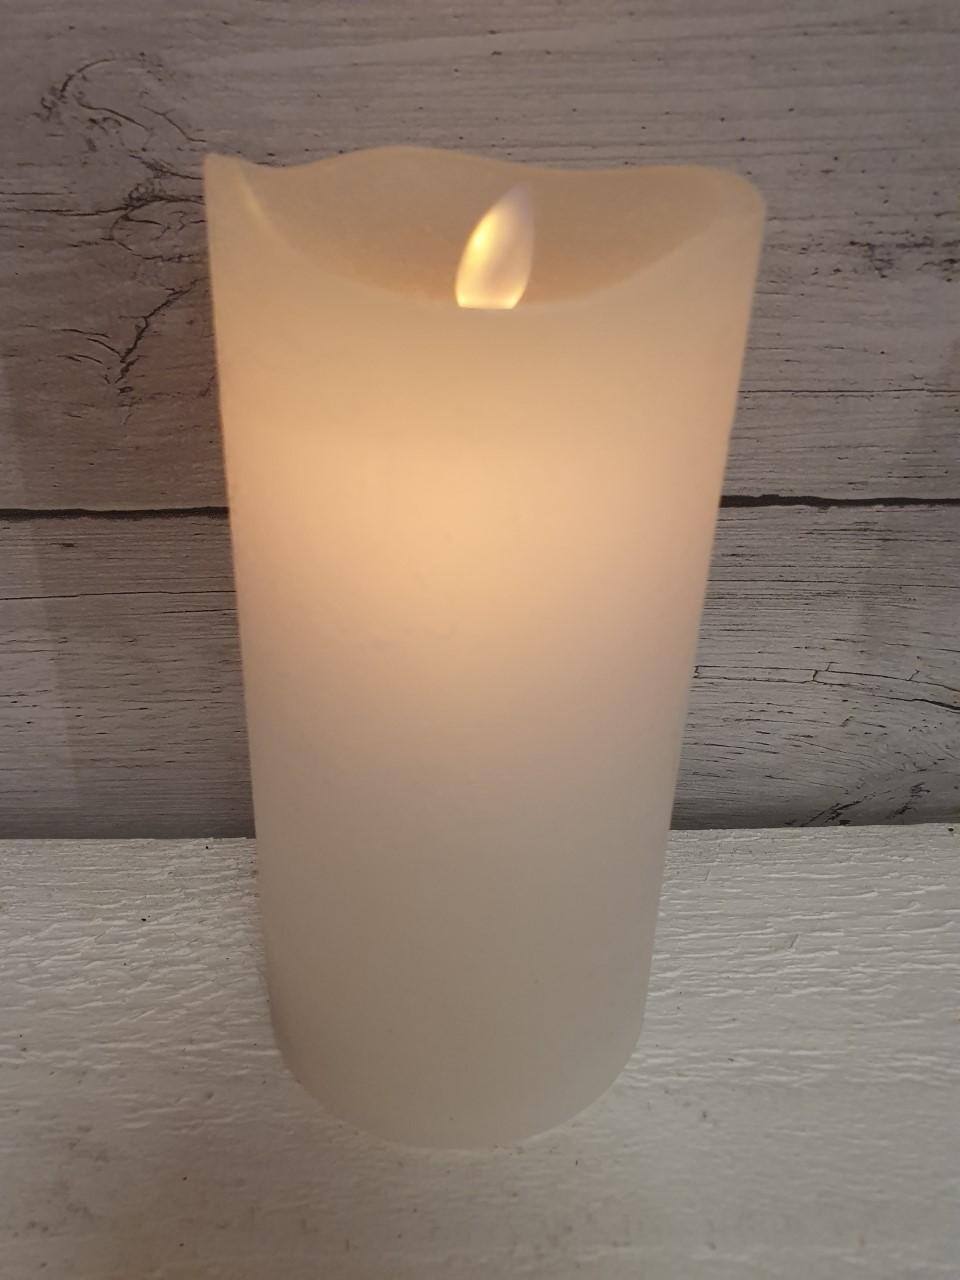 Blockljus LED, vit flammande låga (15 cm) - med timer